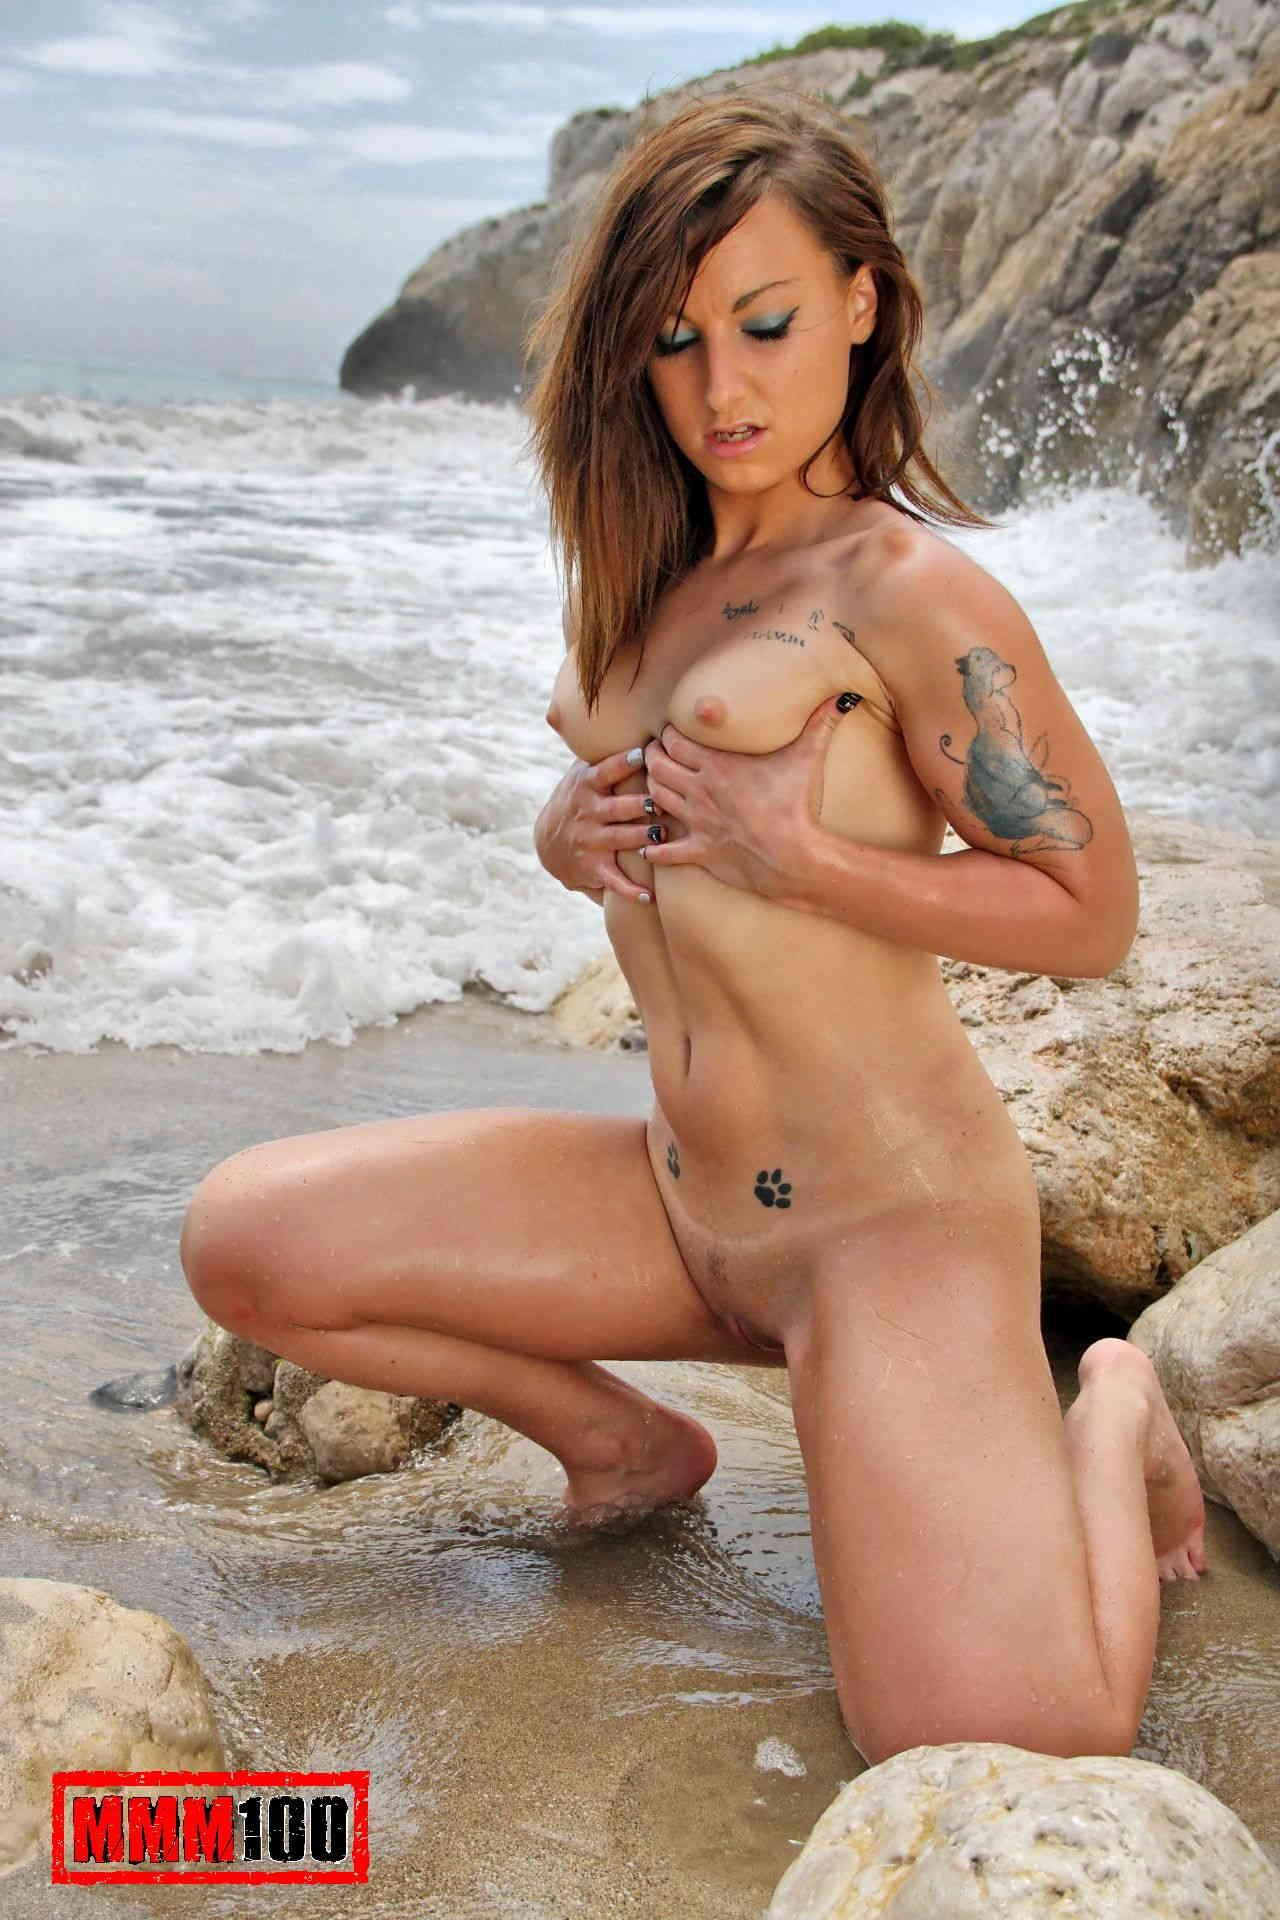 Kim Equinoxx